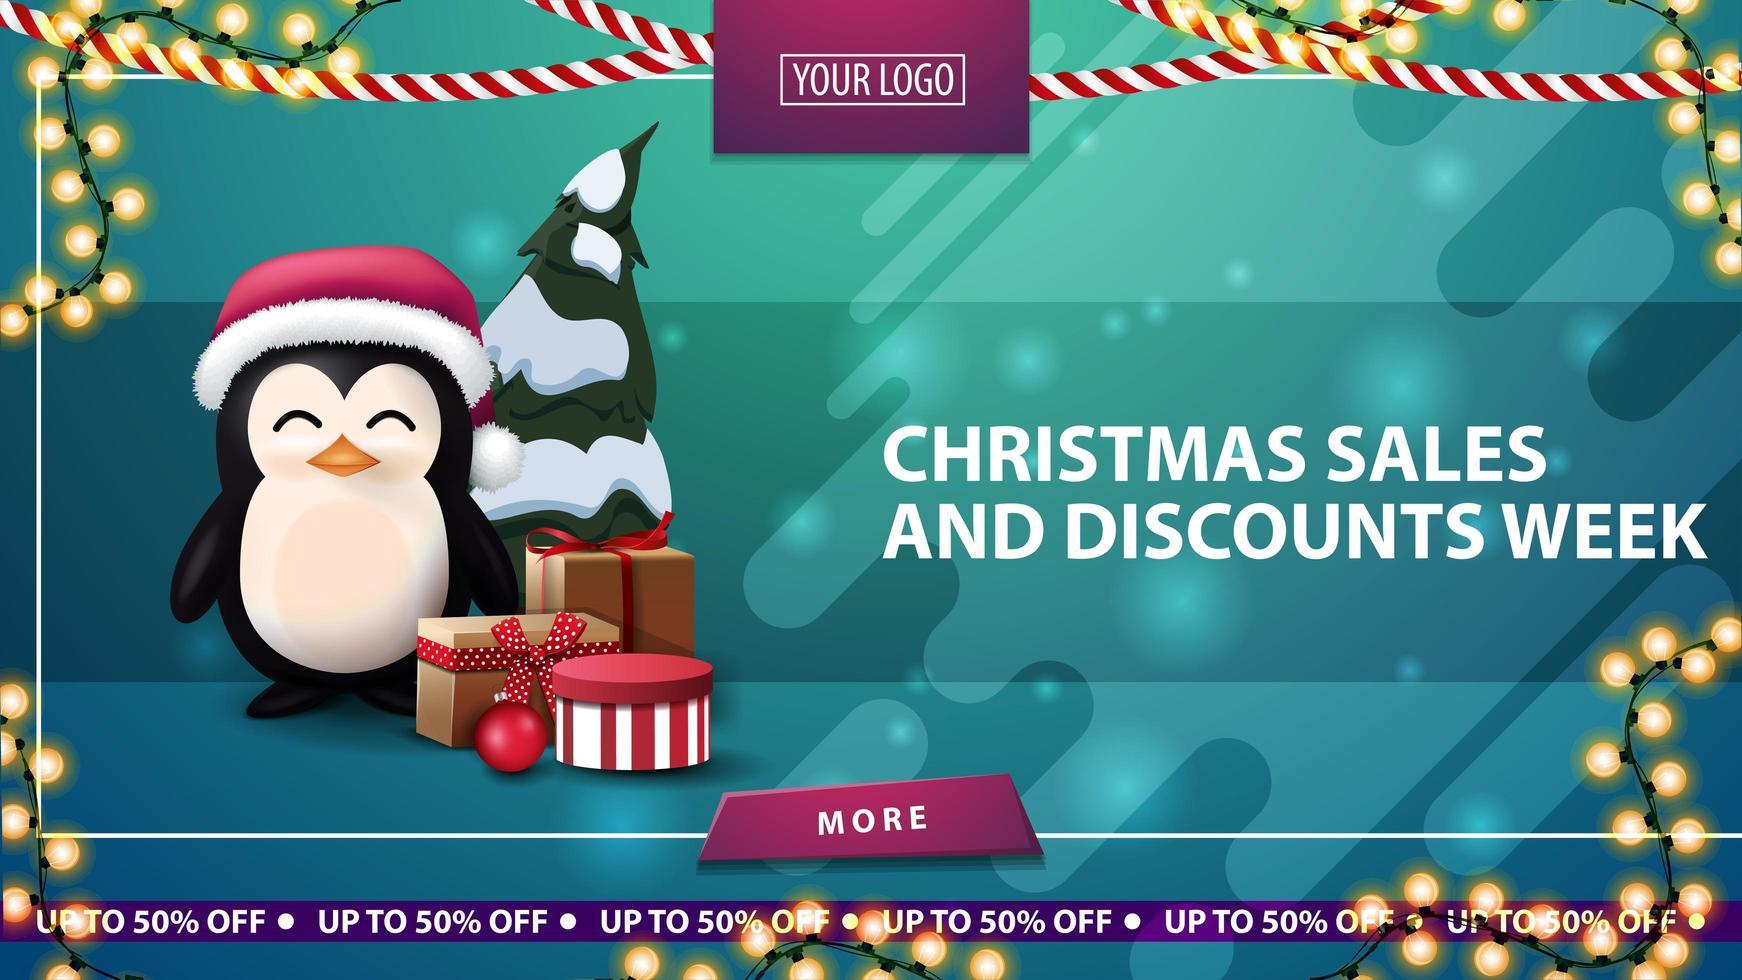 kerstverkoop en kortingsweek, groene horizontale kortingsbanner met knop, kaderslinger en pinguïn in kerstmanhoed met cadeautjes vector